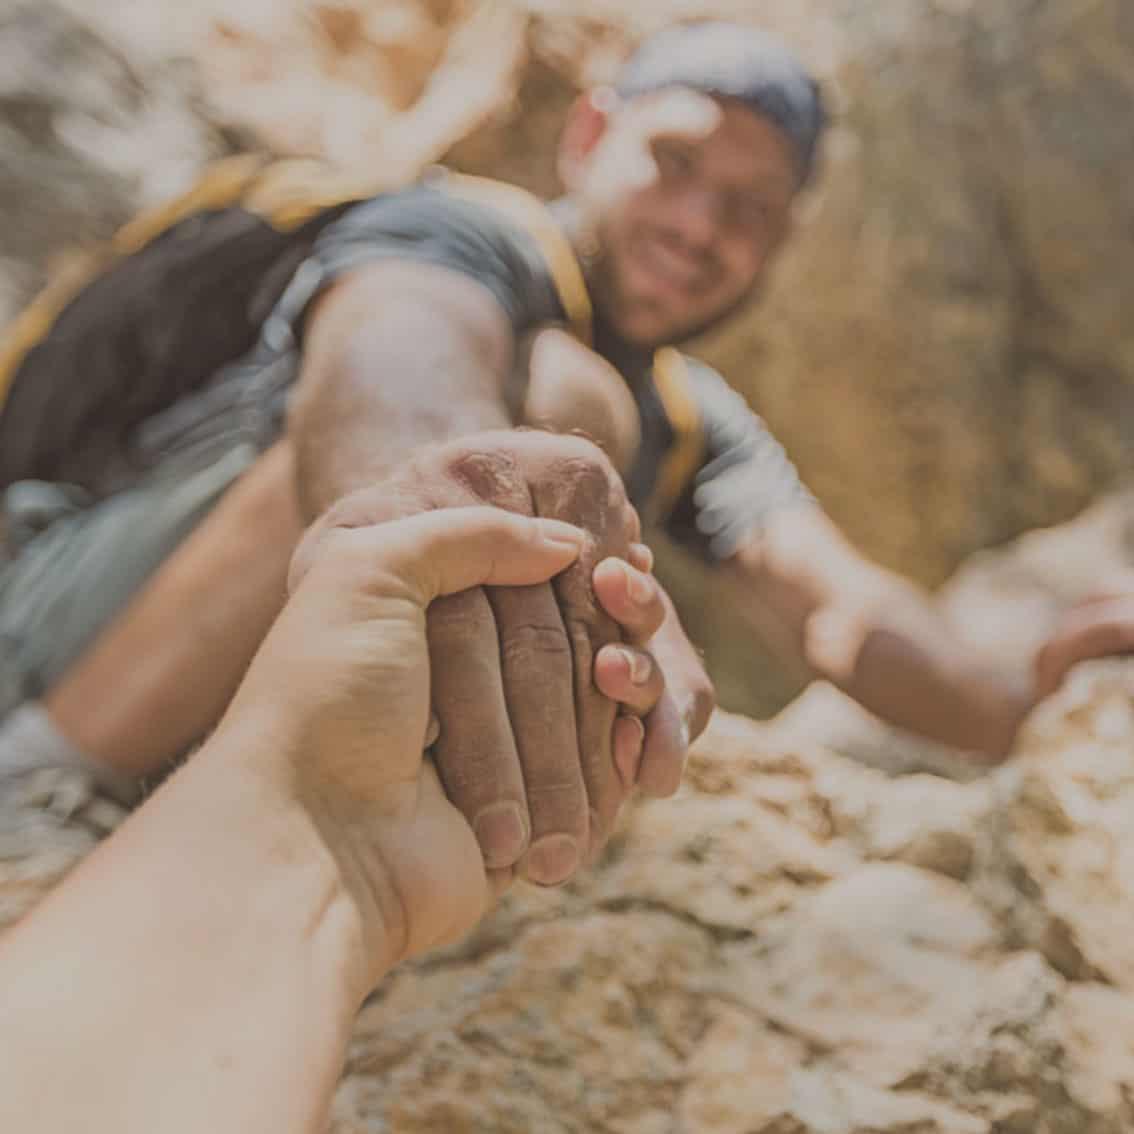 Spaß beim Incentive Klettern, Kollegen helfen sich